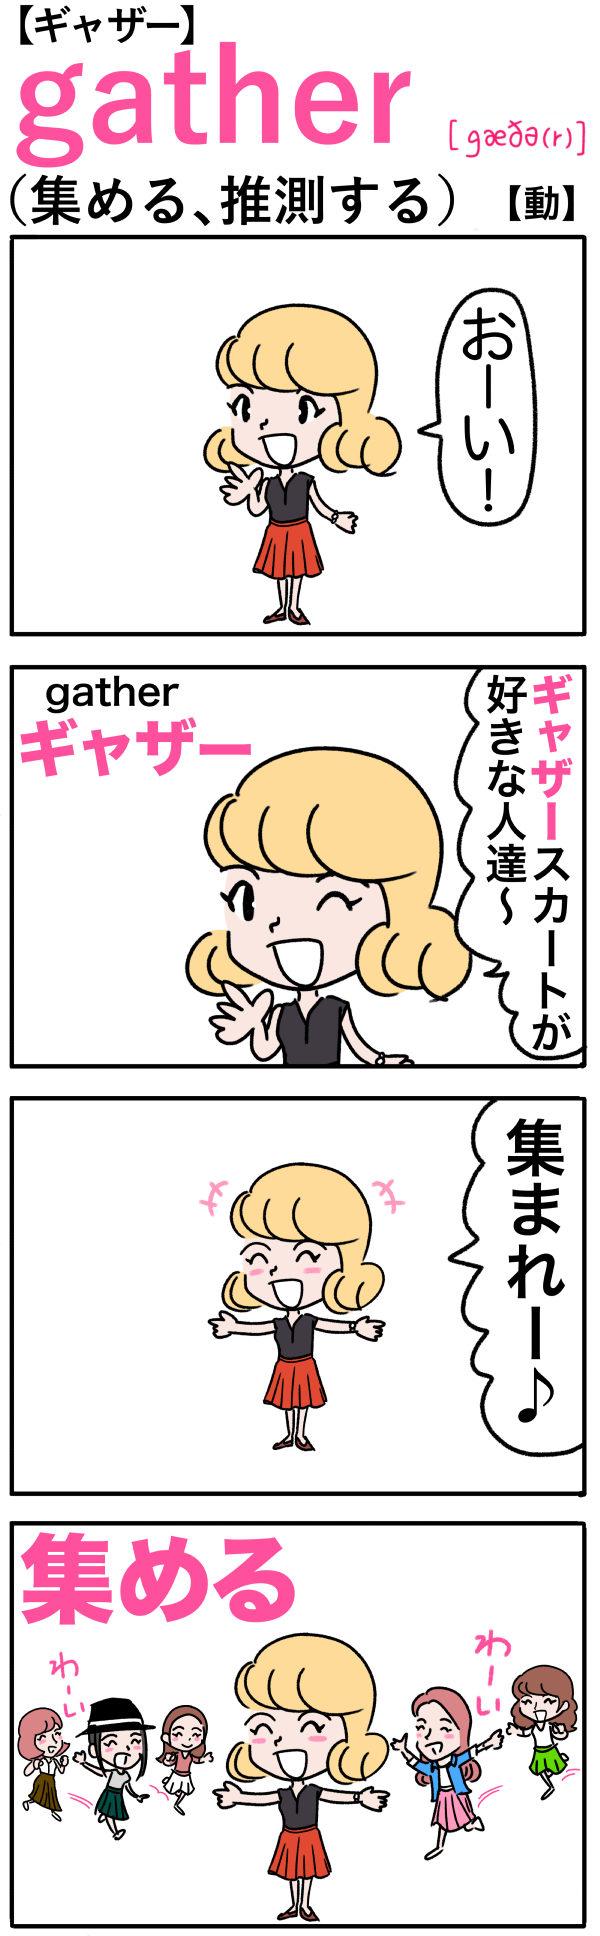 gather(集める、推測する)の語呂合わせ英単語